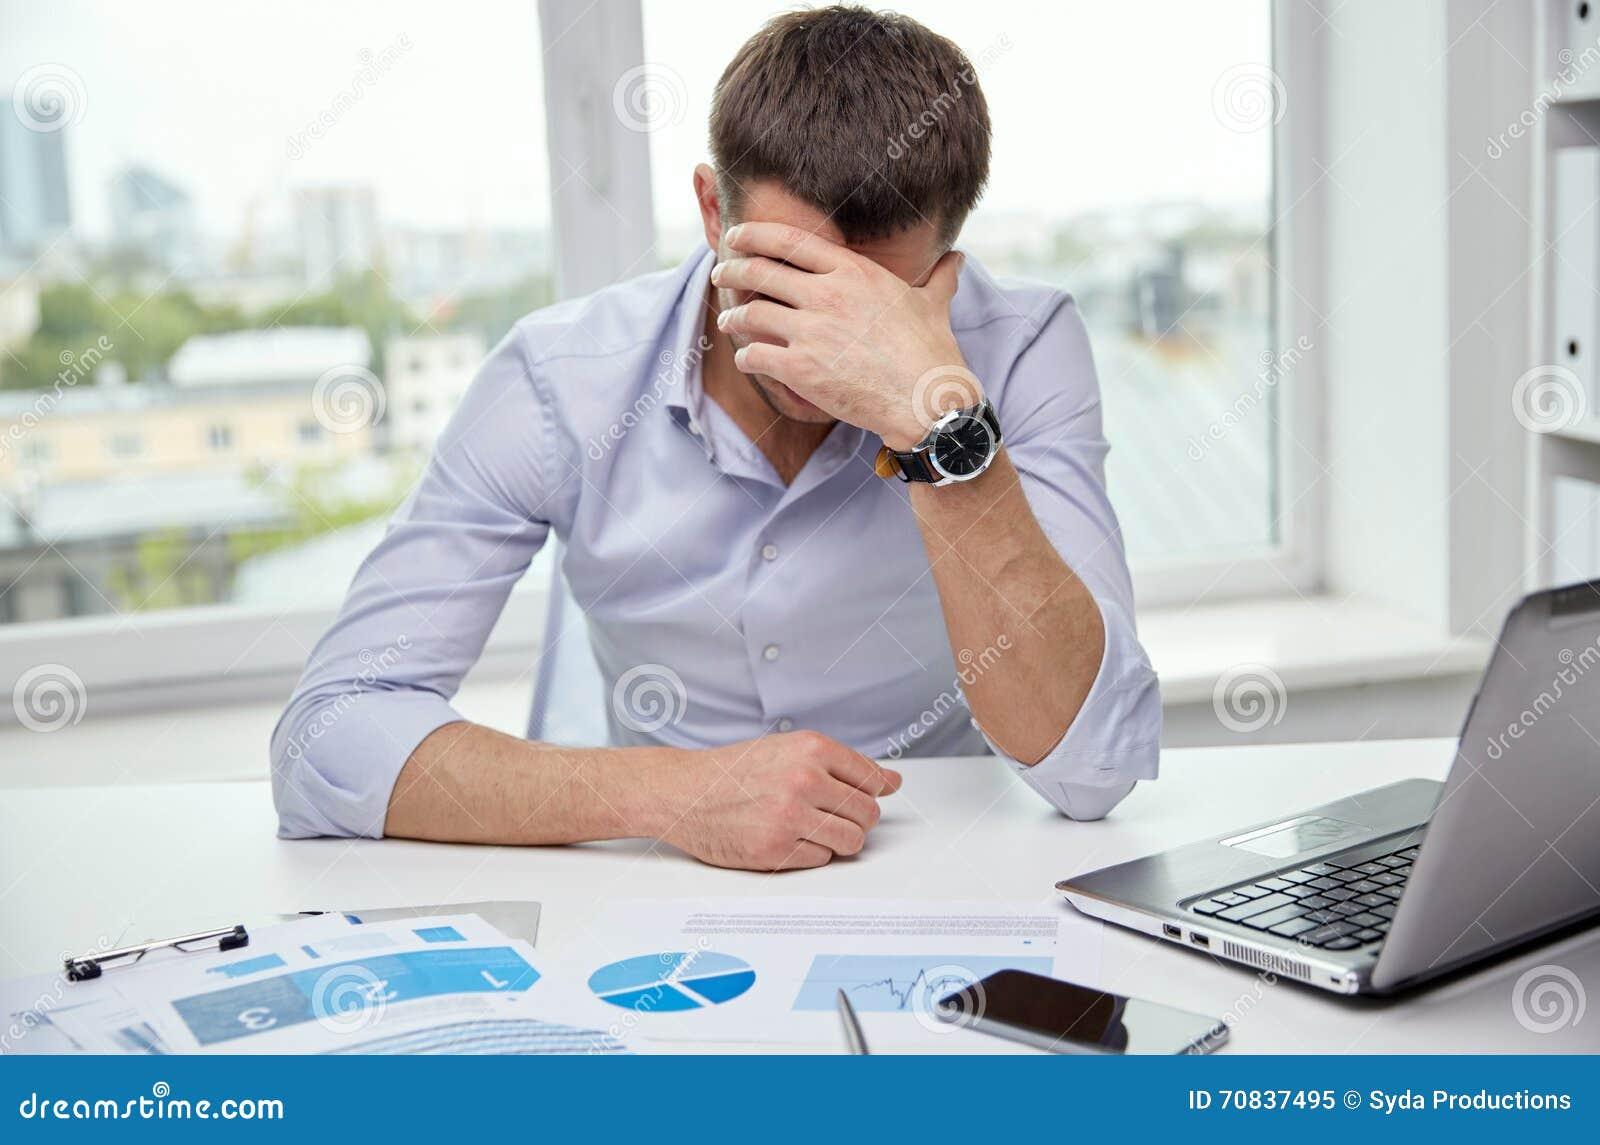 homme d 39 affaires soumis une contrainte avec des papiers dans le bureau photo stock image. Black Bedroom Furniture Sets. Home Design Ideas